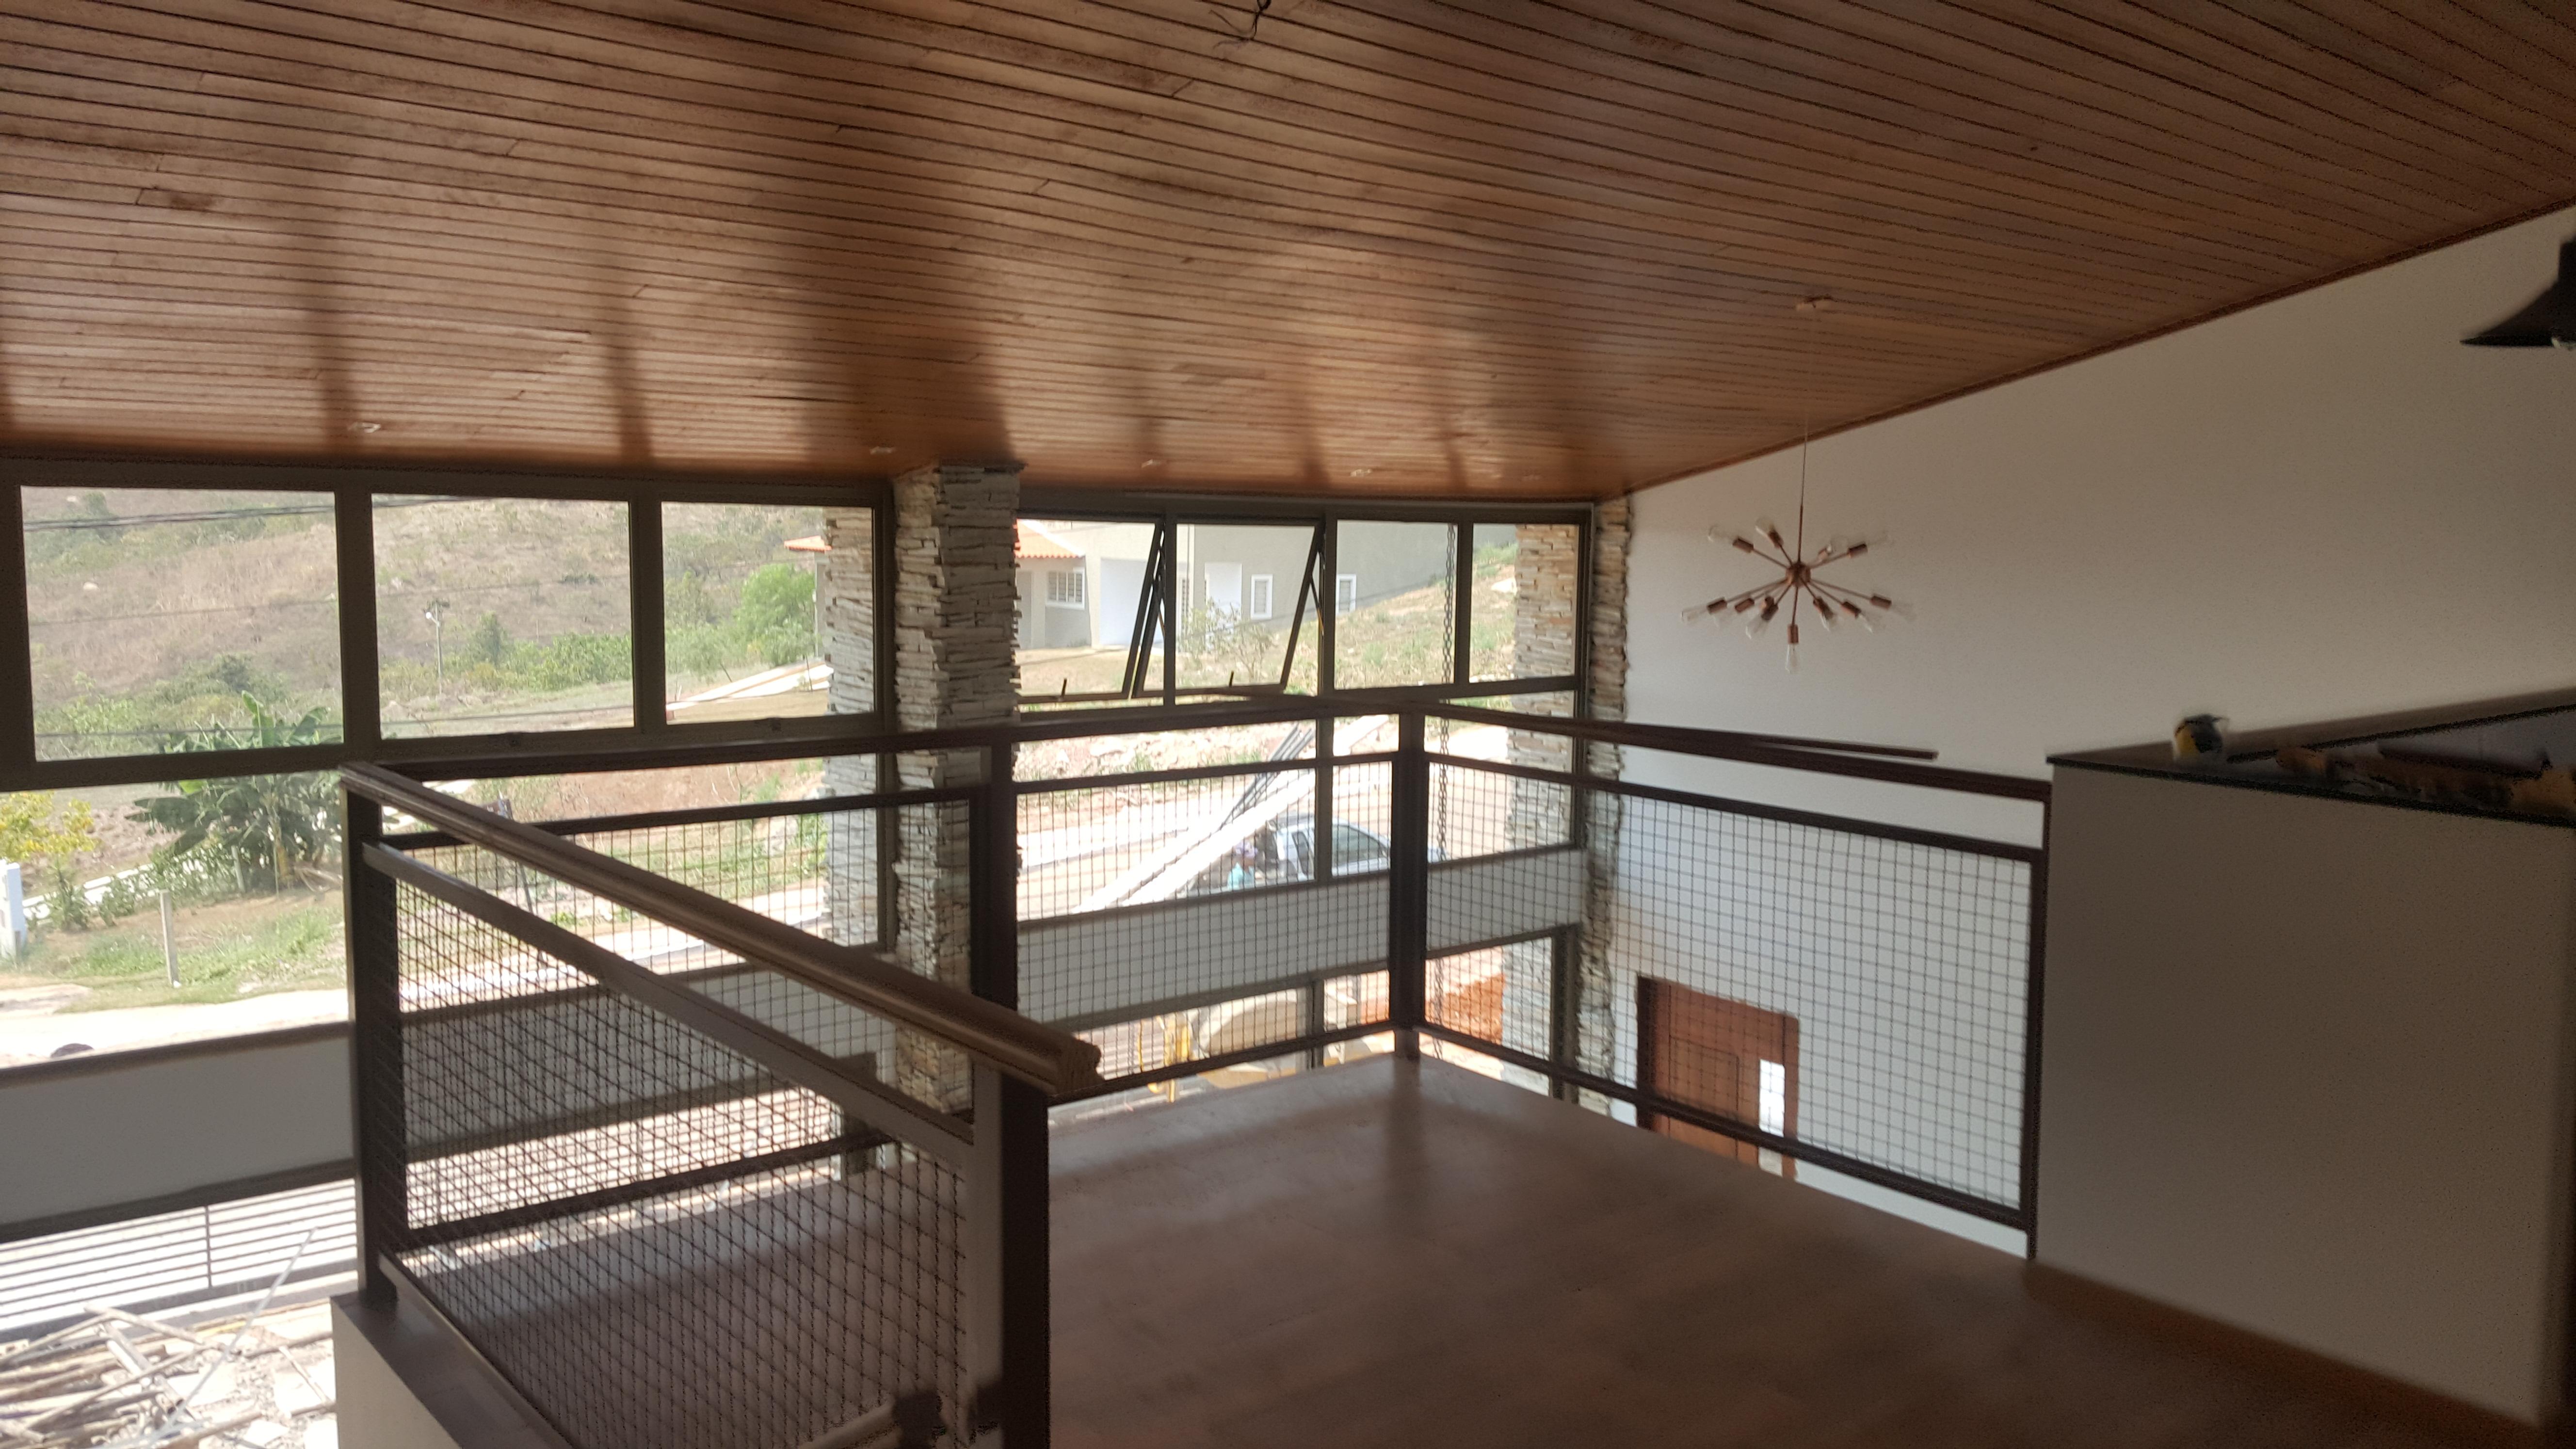 Empresa_de_Construção_no_Lago_Norte,_Brasilia,_Distrito_Federal_-_DF